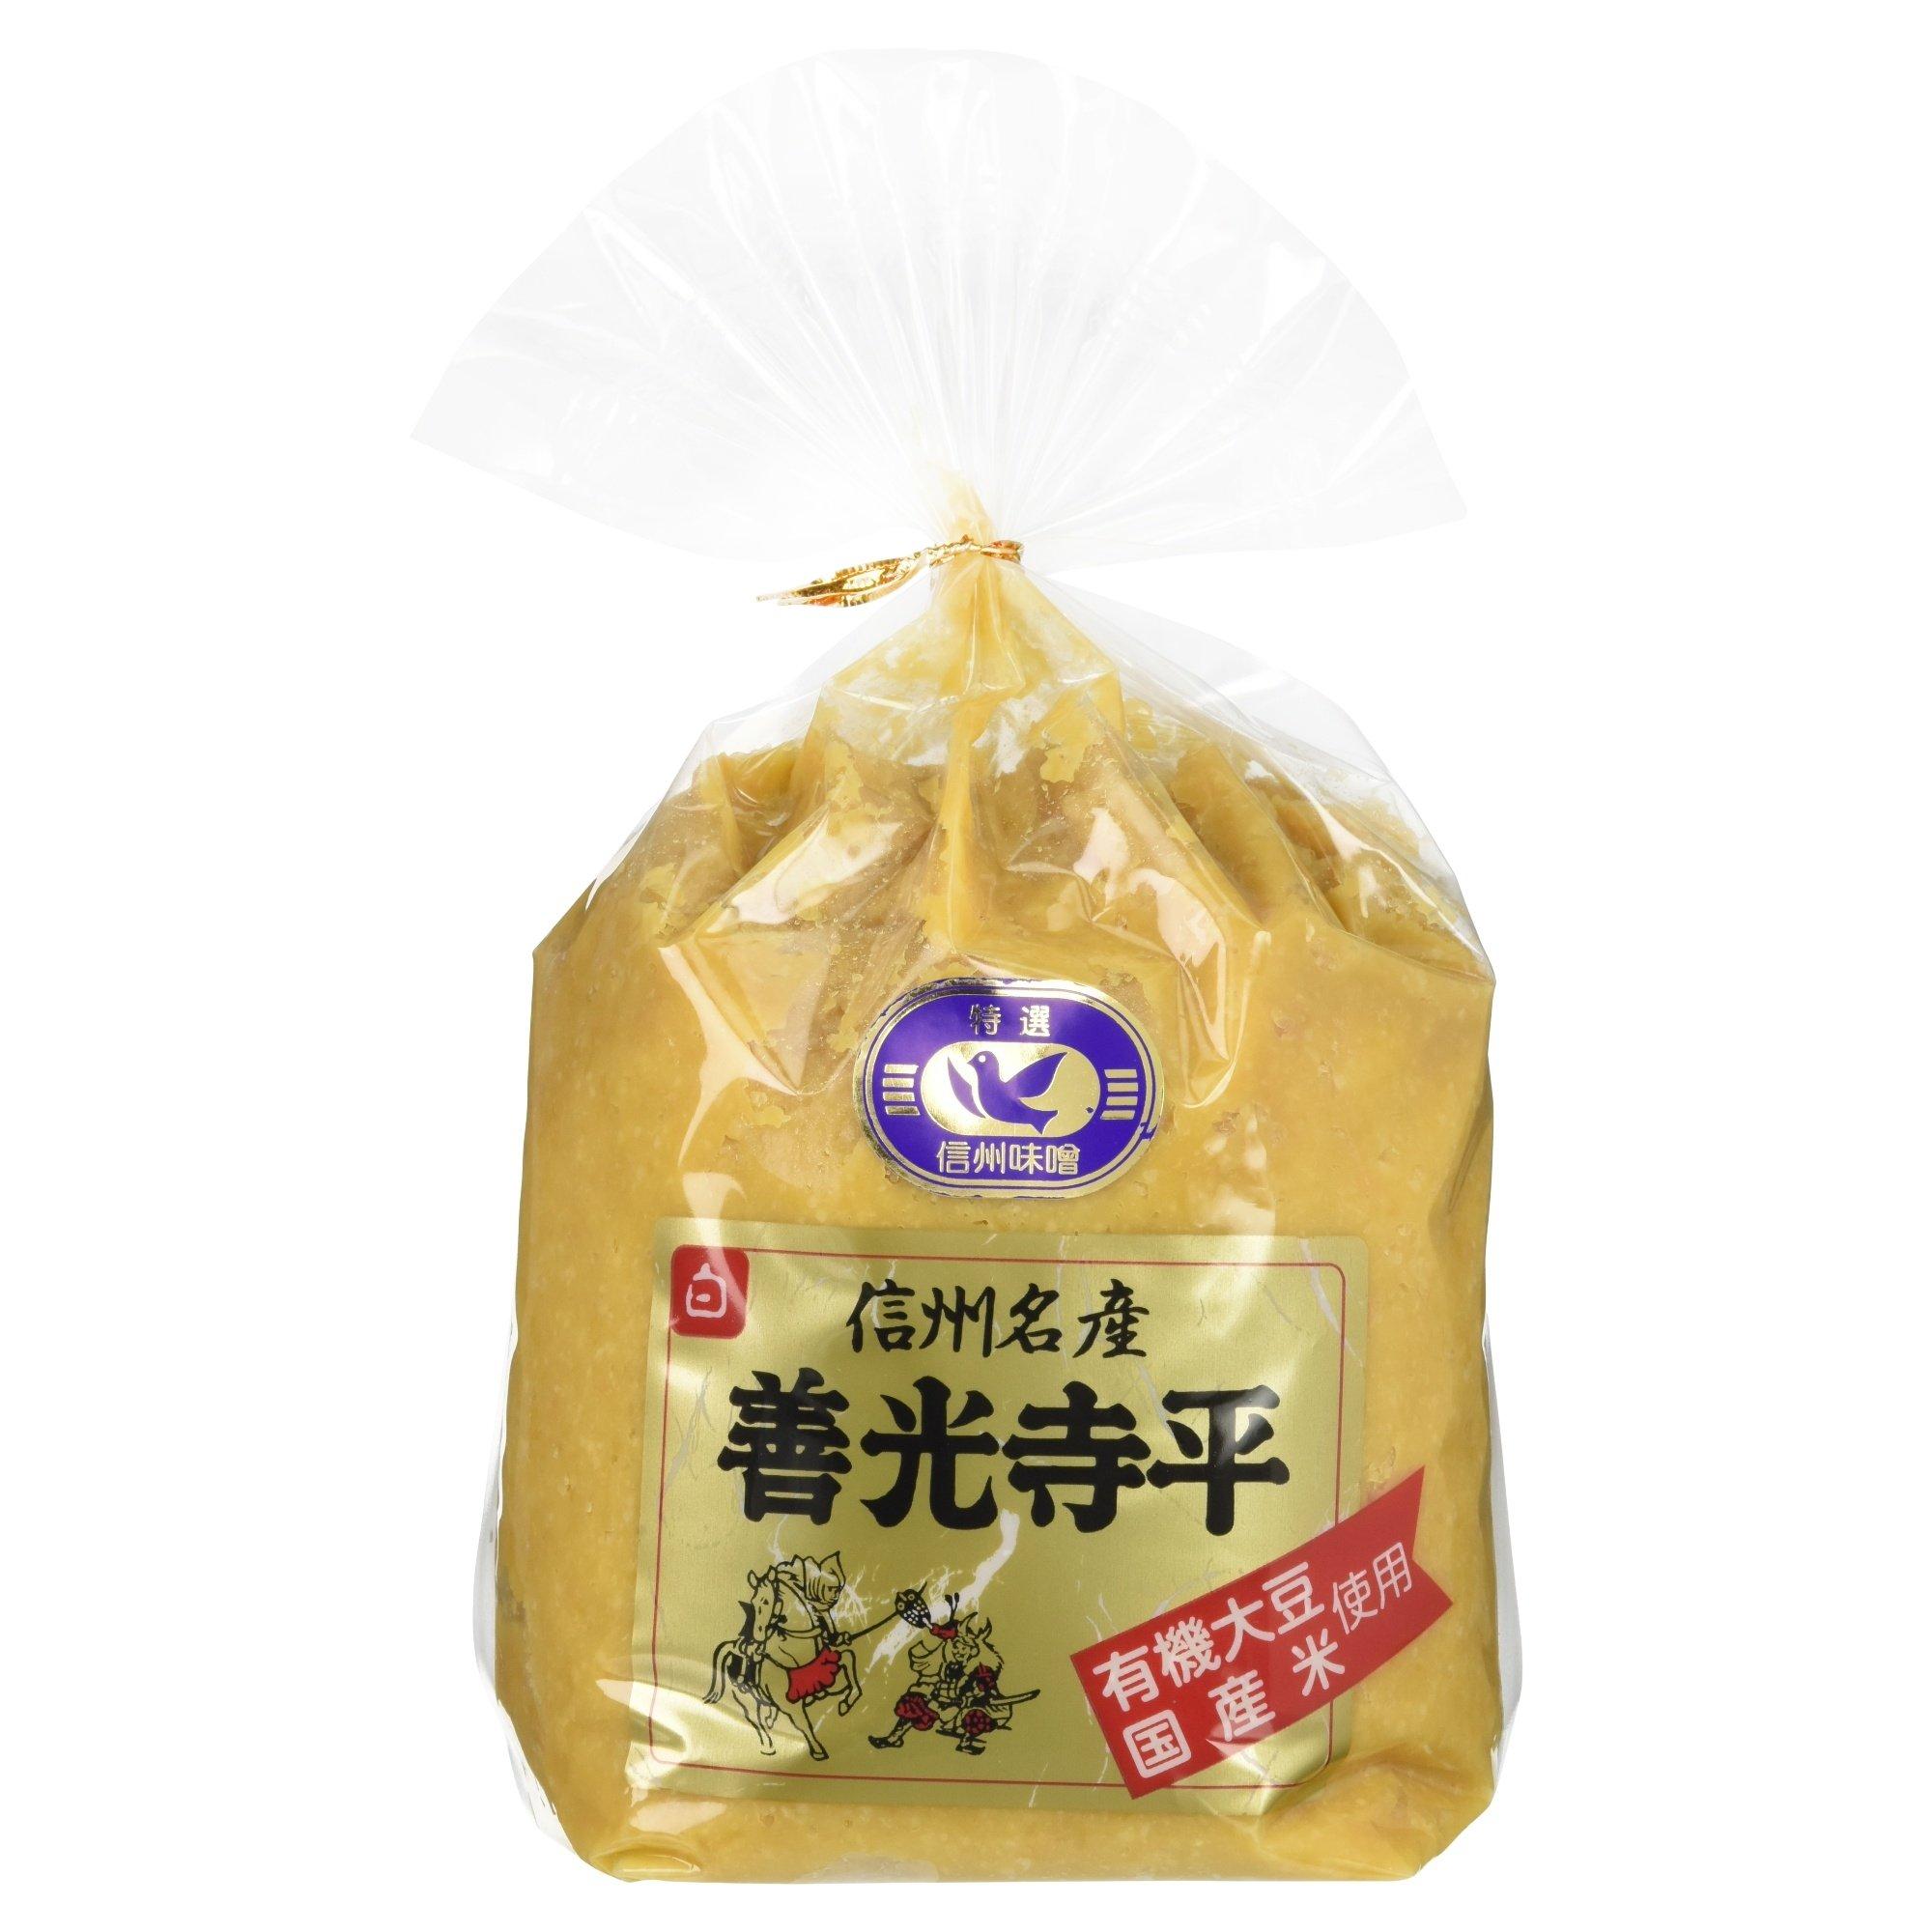 Marumo Aoki miso soy sauce brewing field Shinshu famous Zenkoji Hirashiro 1kg